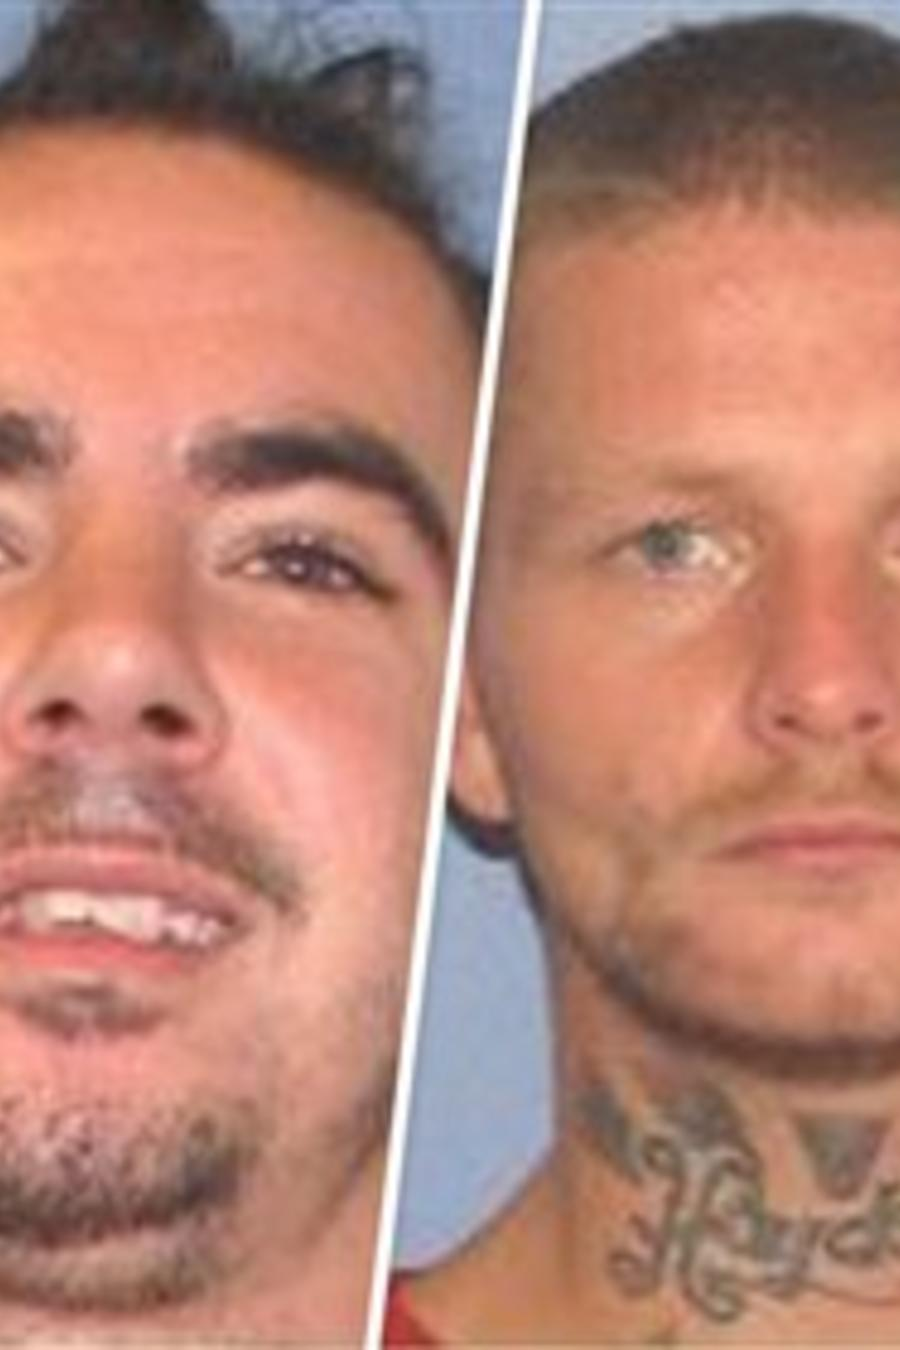 Los cuatros detenidos fugados de una cárcel de Ohio este domingo. Los primeros tres desde la izquierda fueron atrapados por la policía.